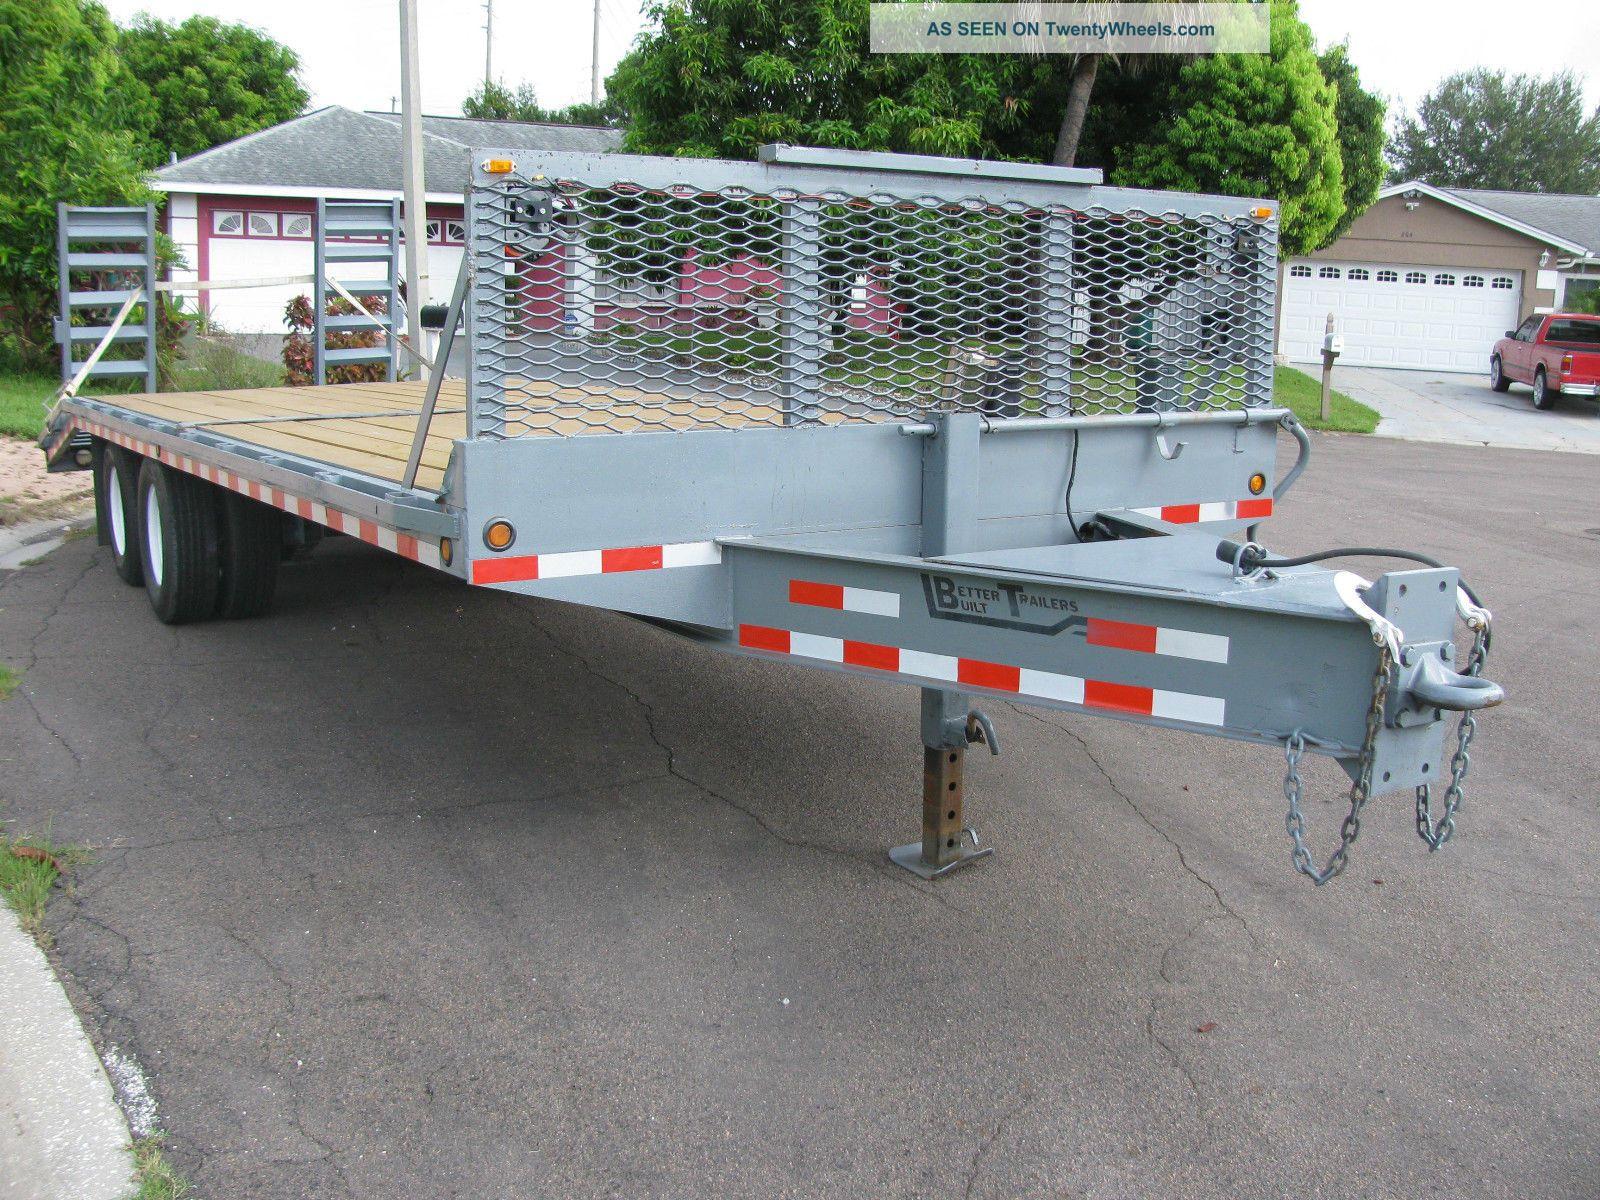 Heavy Duty Tractor Trailer : Heavy duty equipment trailer